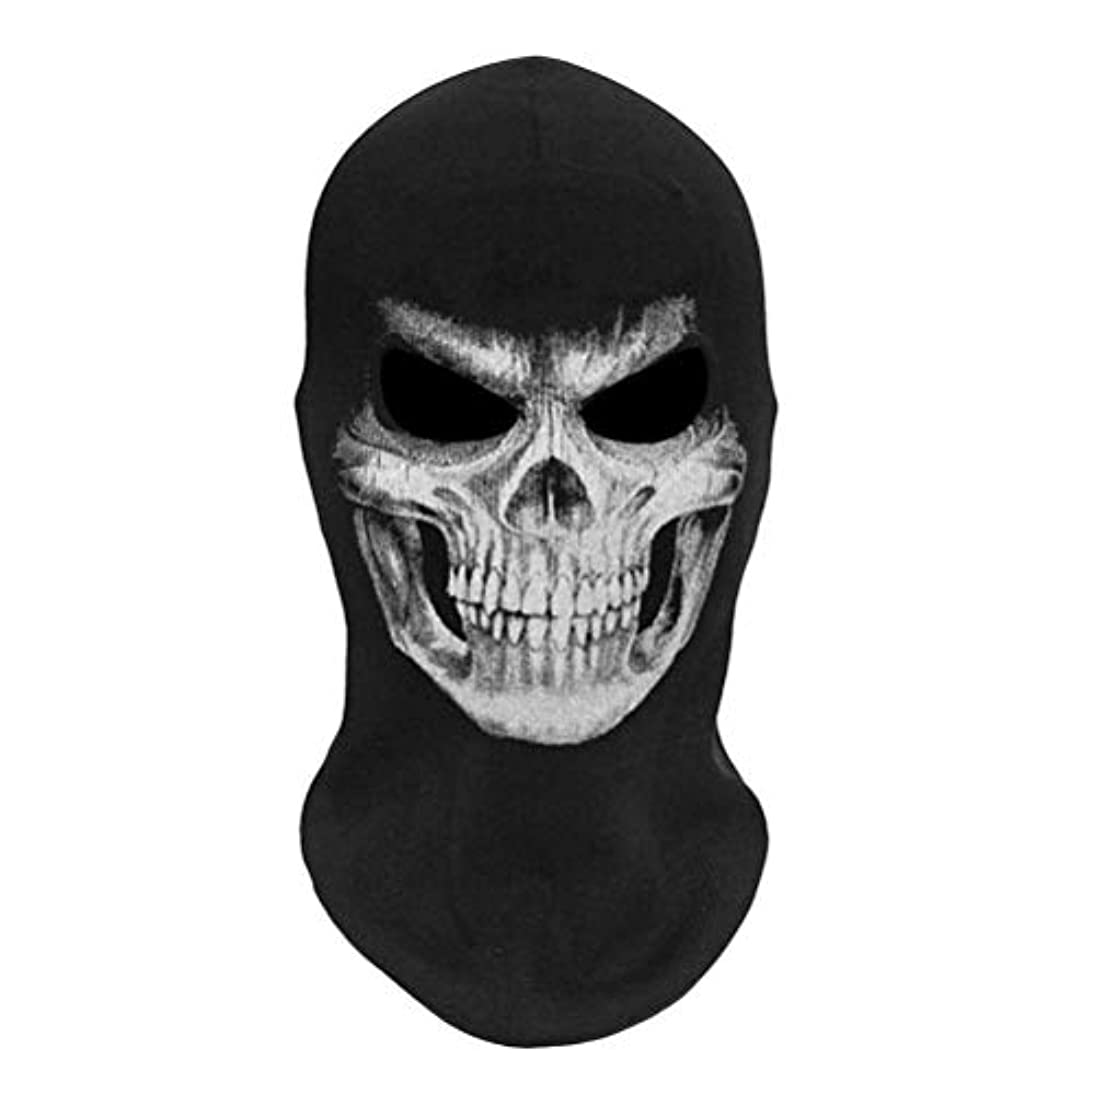 命令ピッチ対処するTAIPPAN ハロウィン3Dスケルトンマスク怖いスケルトンバラクラバゴーストコスプレ衣装ハロウィンパーティーフルフェイスマスク